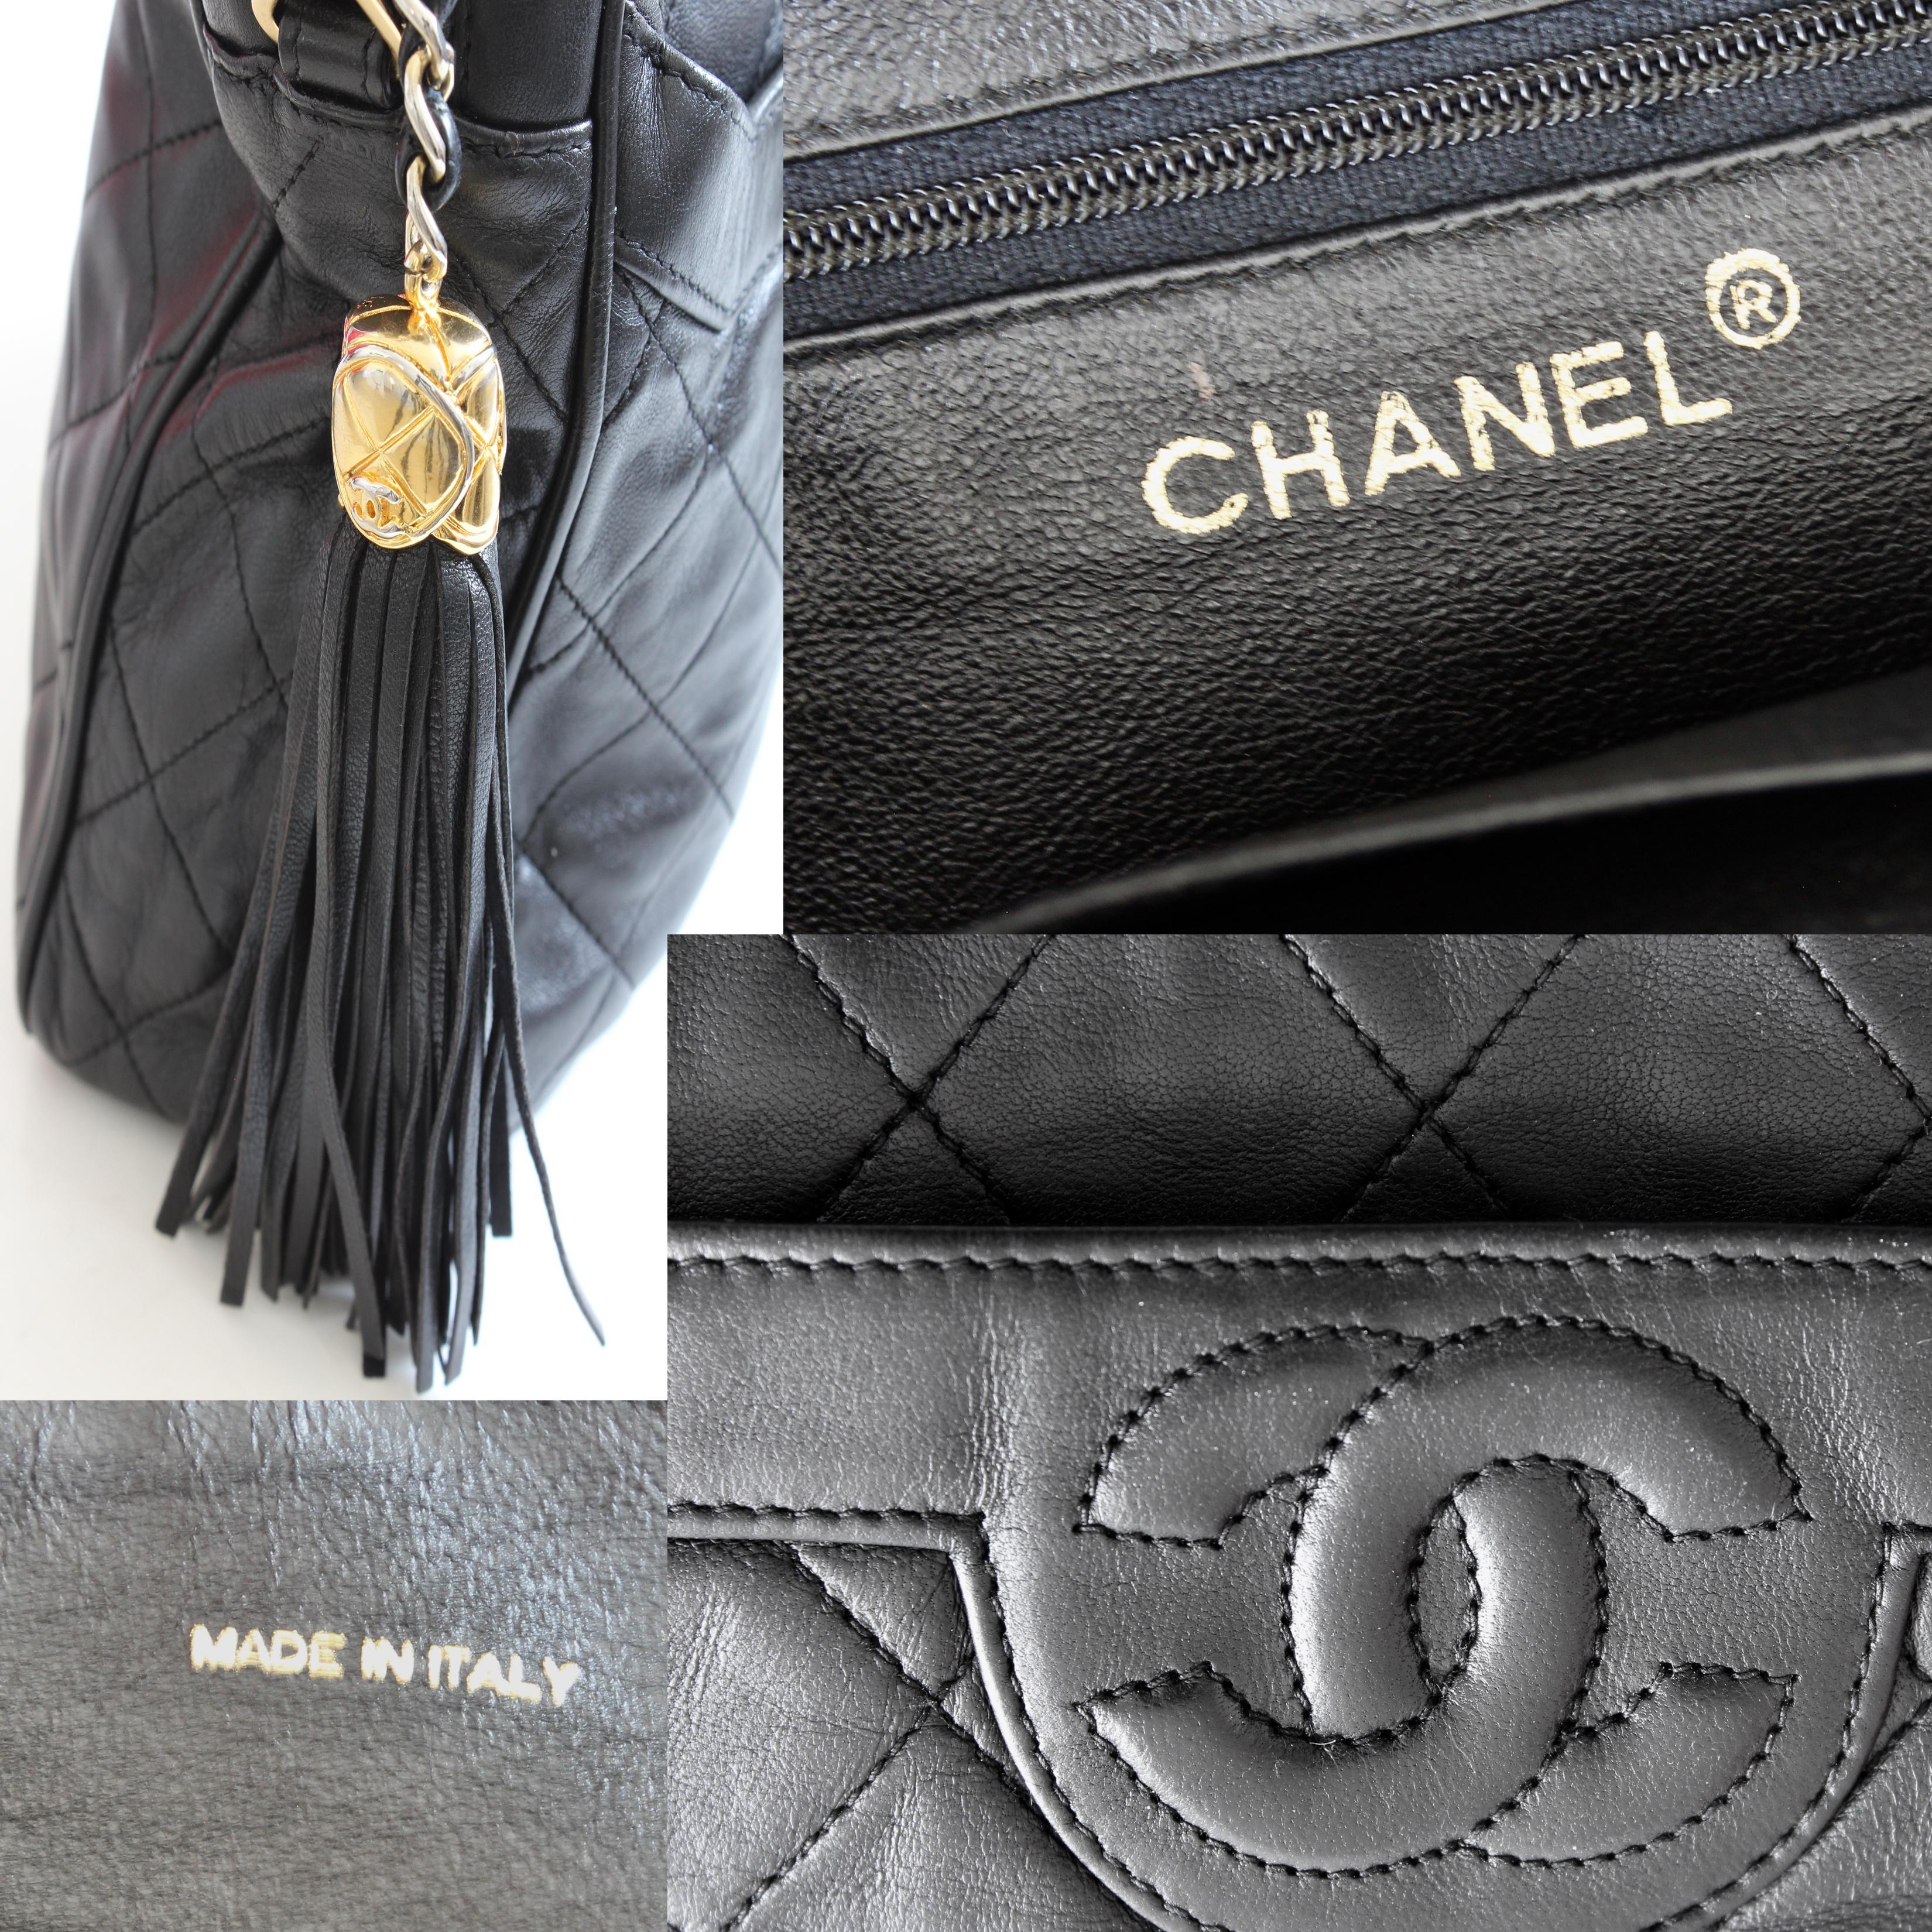 266f8df4d6fe Vintage Chanel Quilted Shoulder Bag Black Lambskin Leather Matelasse CC  Logo 80s For Sale at 1stdibs